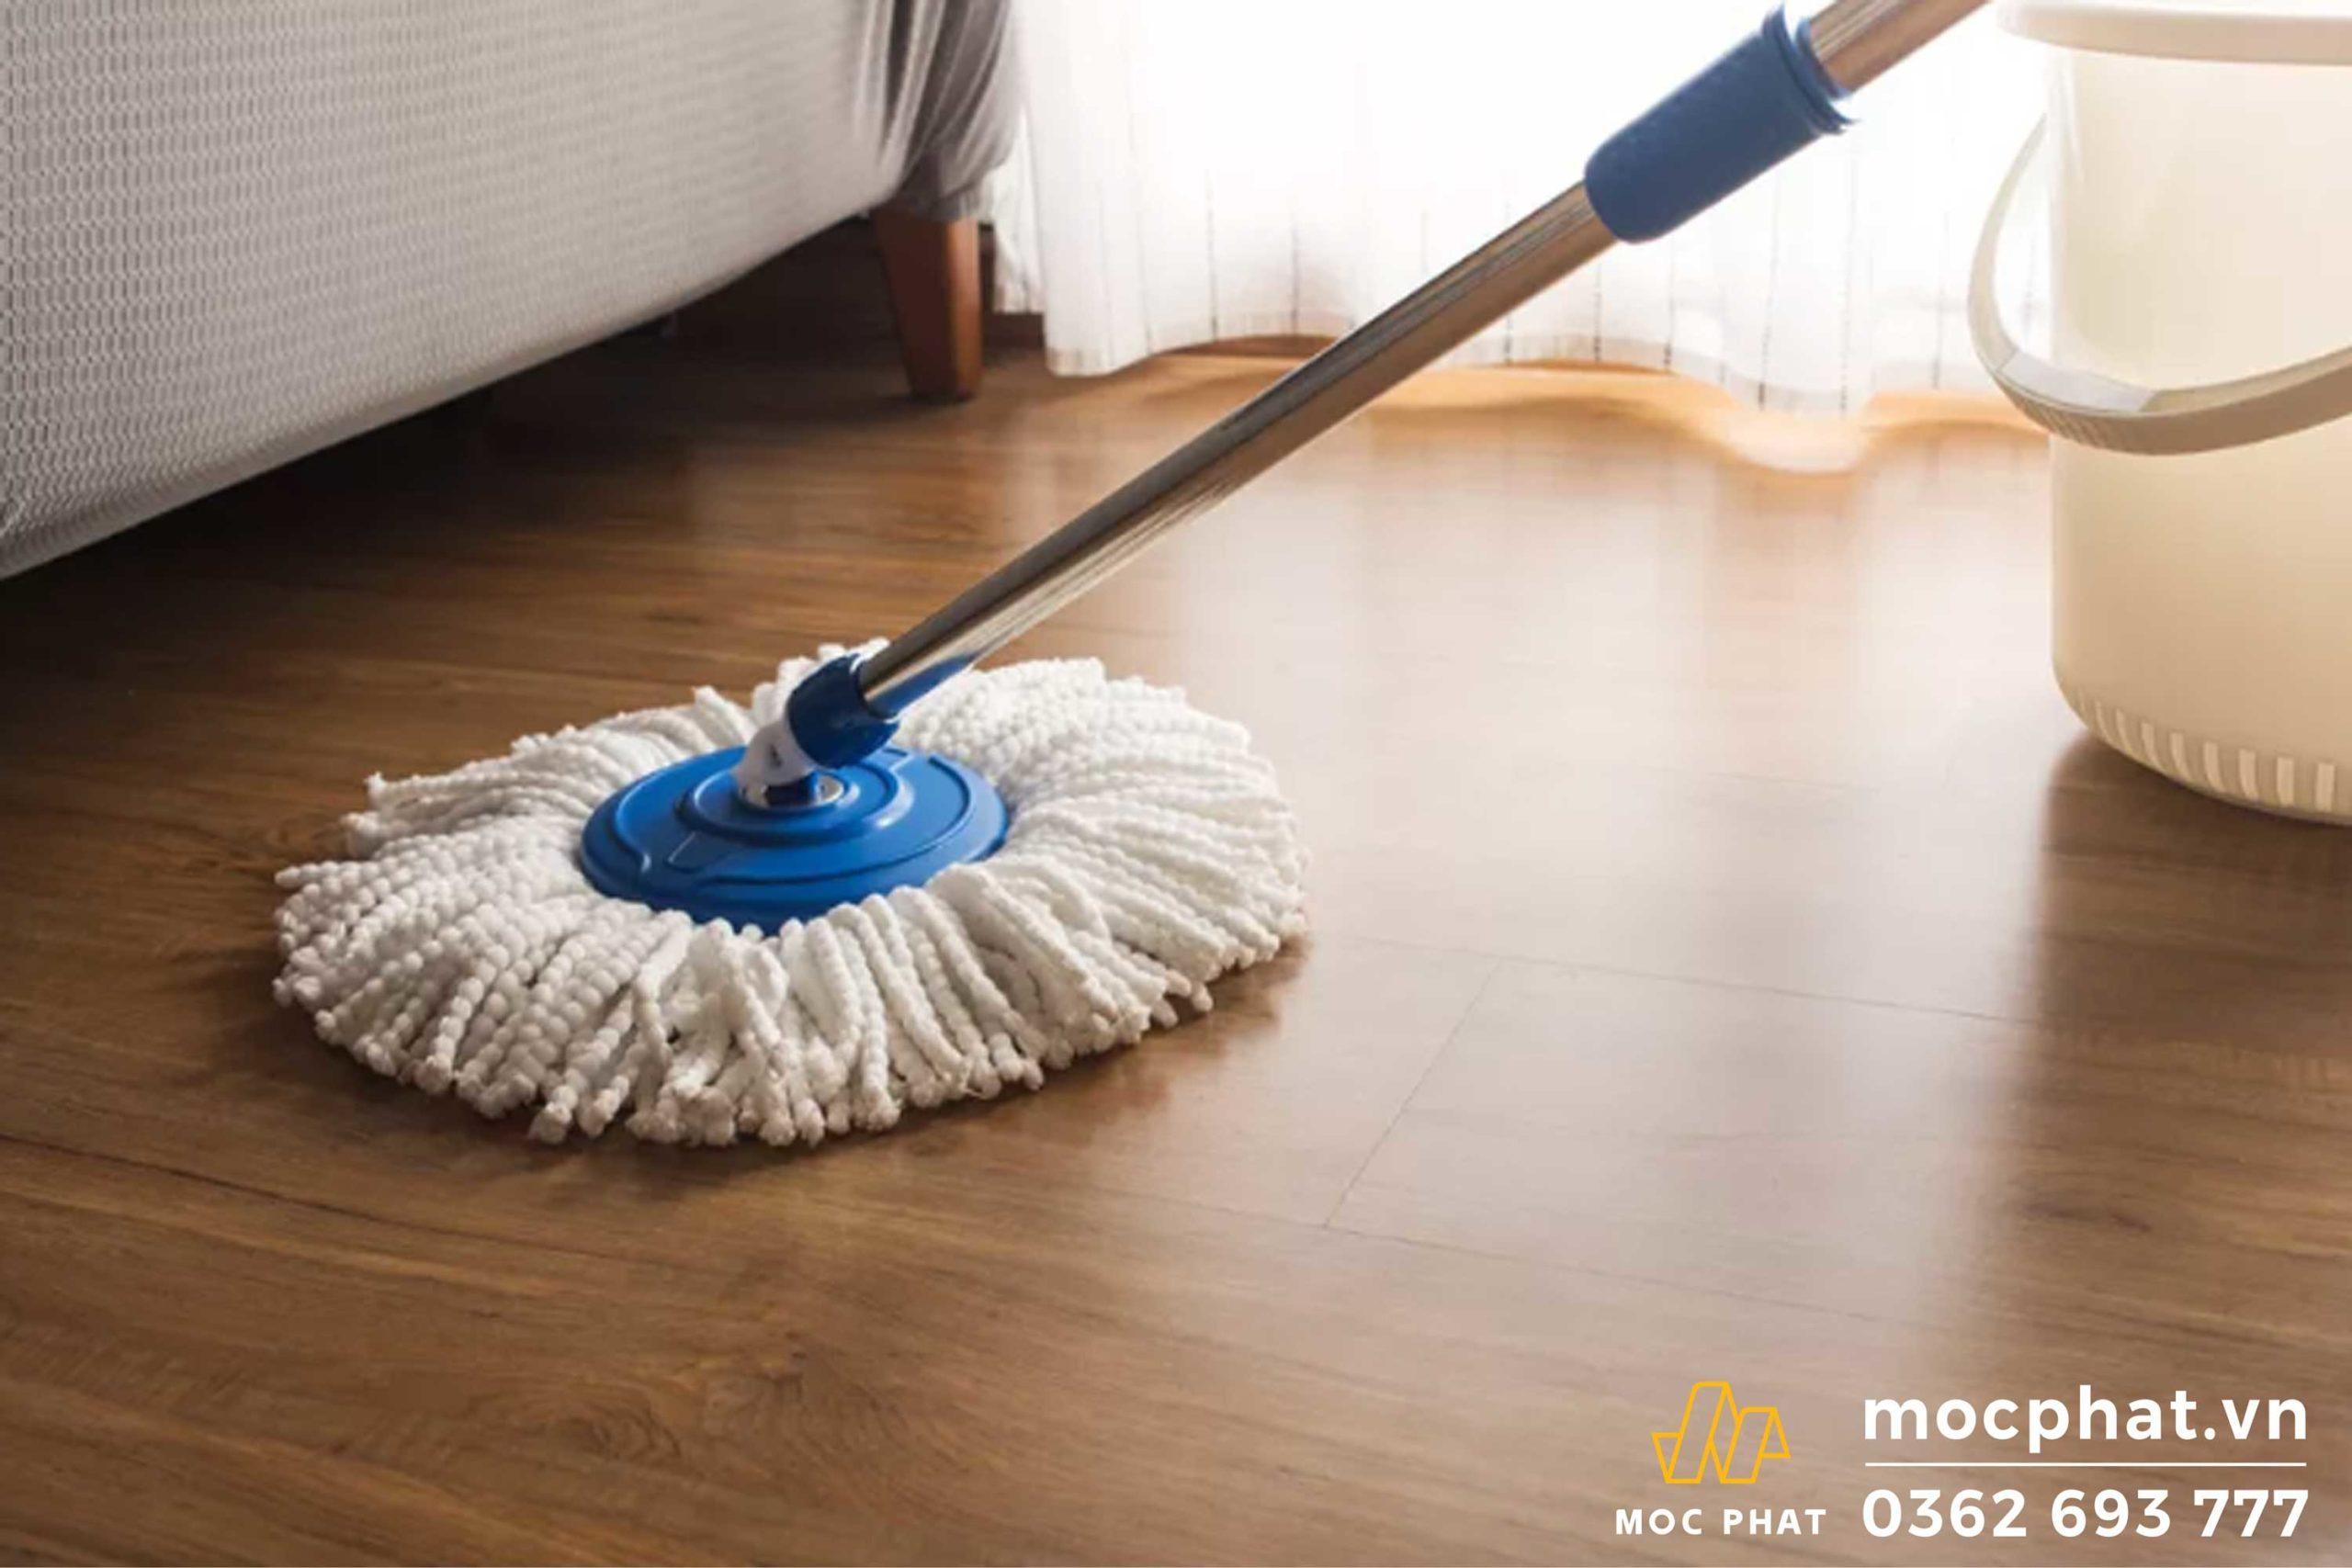 Sử dụng cây lau nhà khô để thấm hơi nồm trên nền nhà